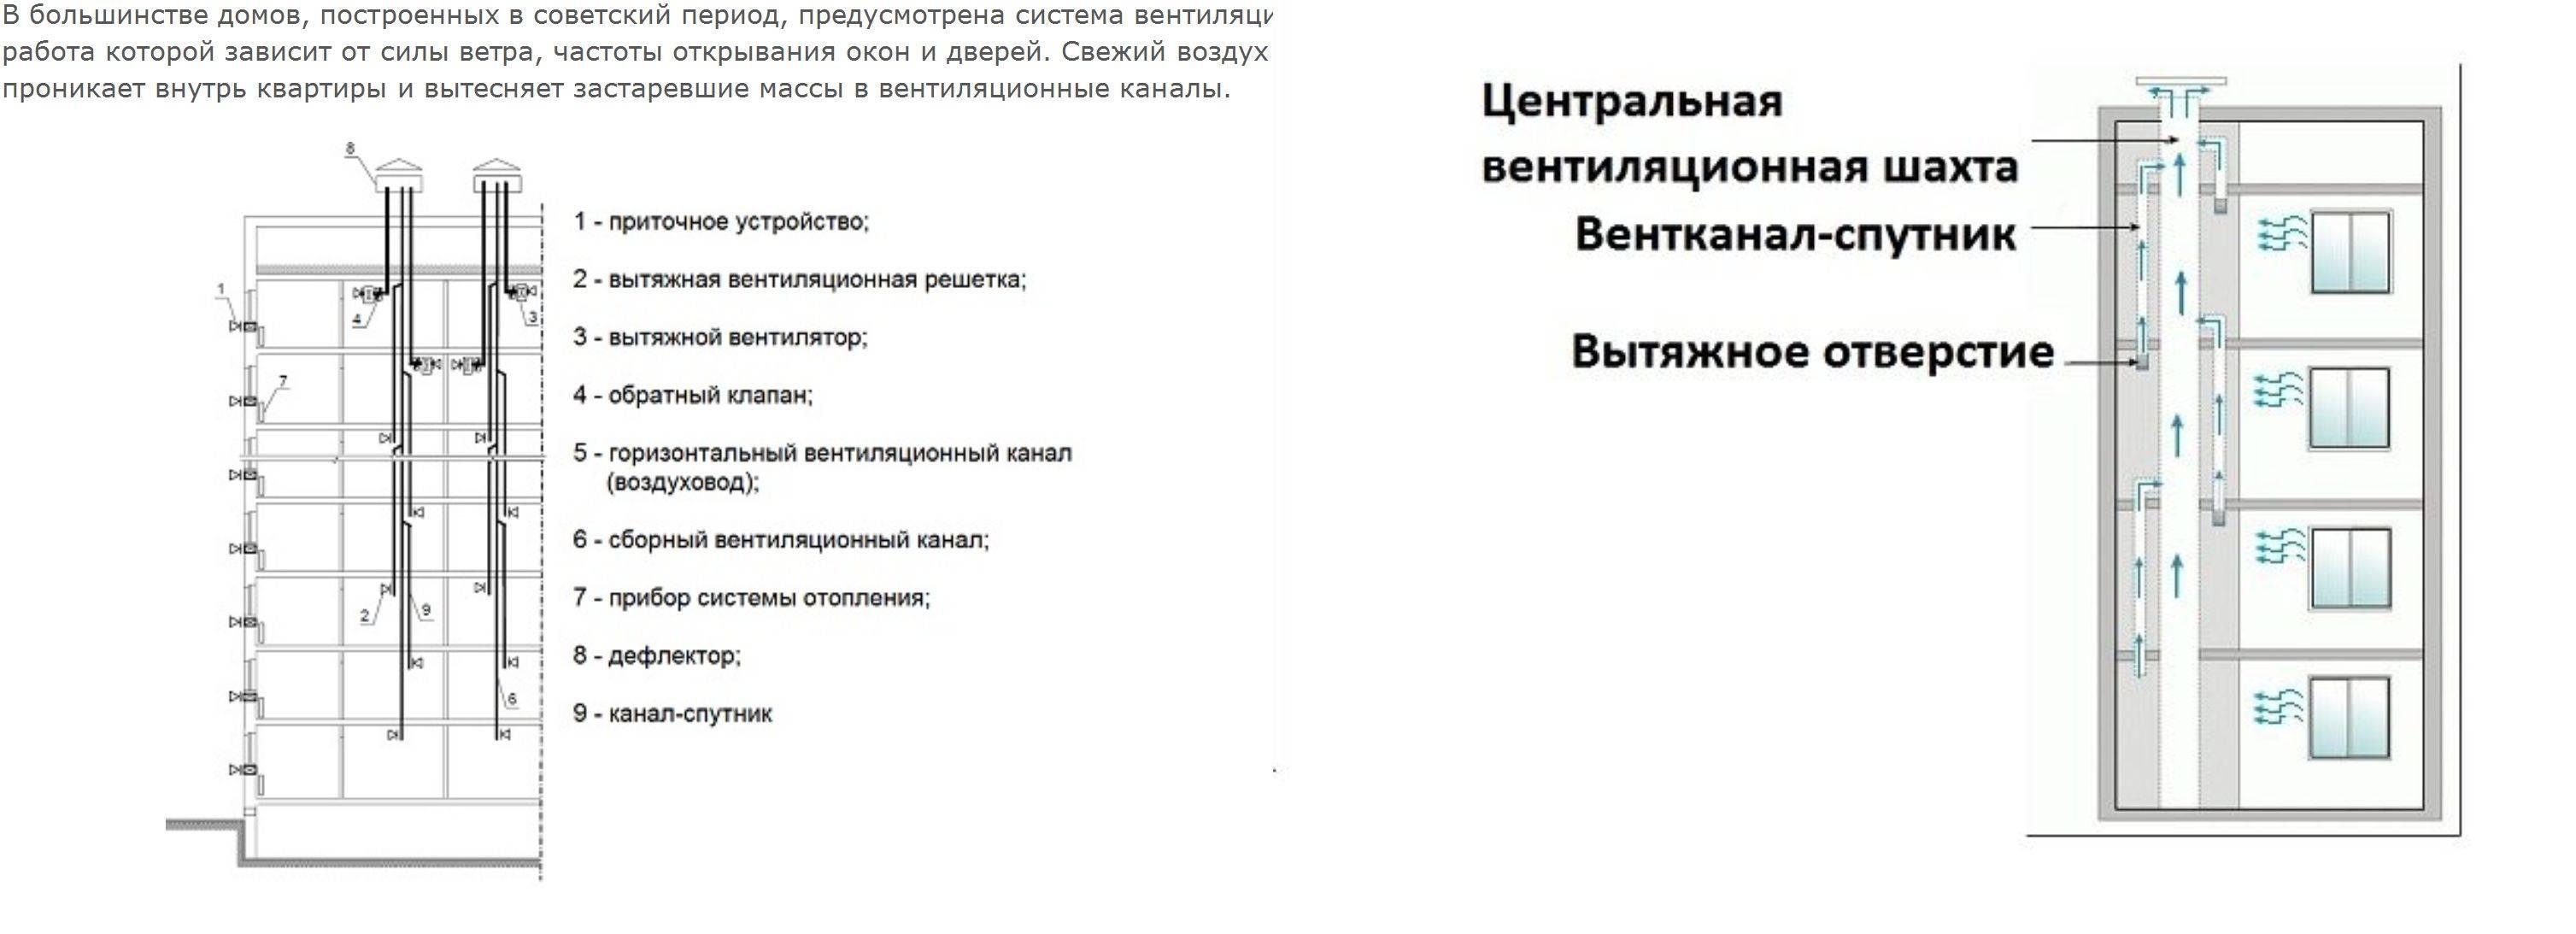 Схема вентиляции в панельном доме: разъясняем по пунктам